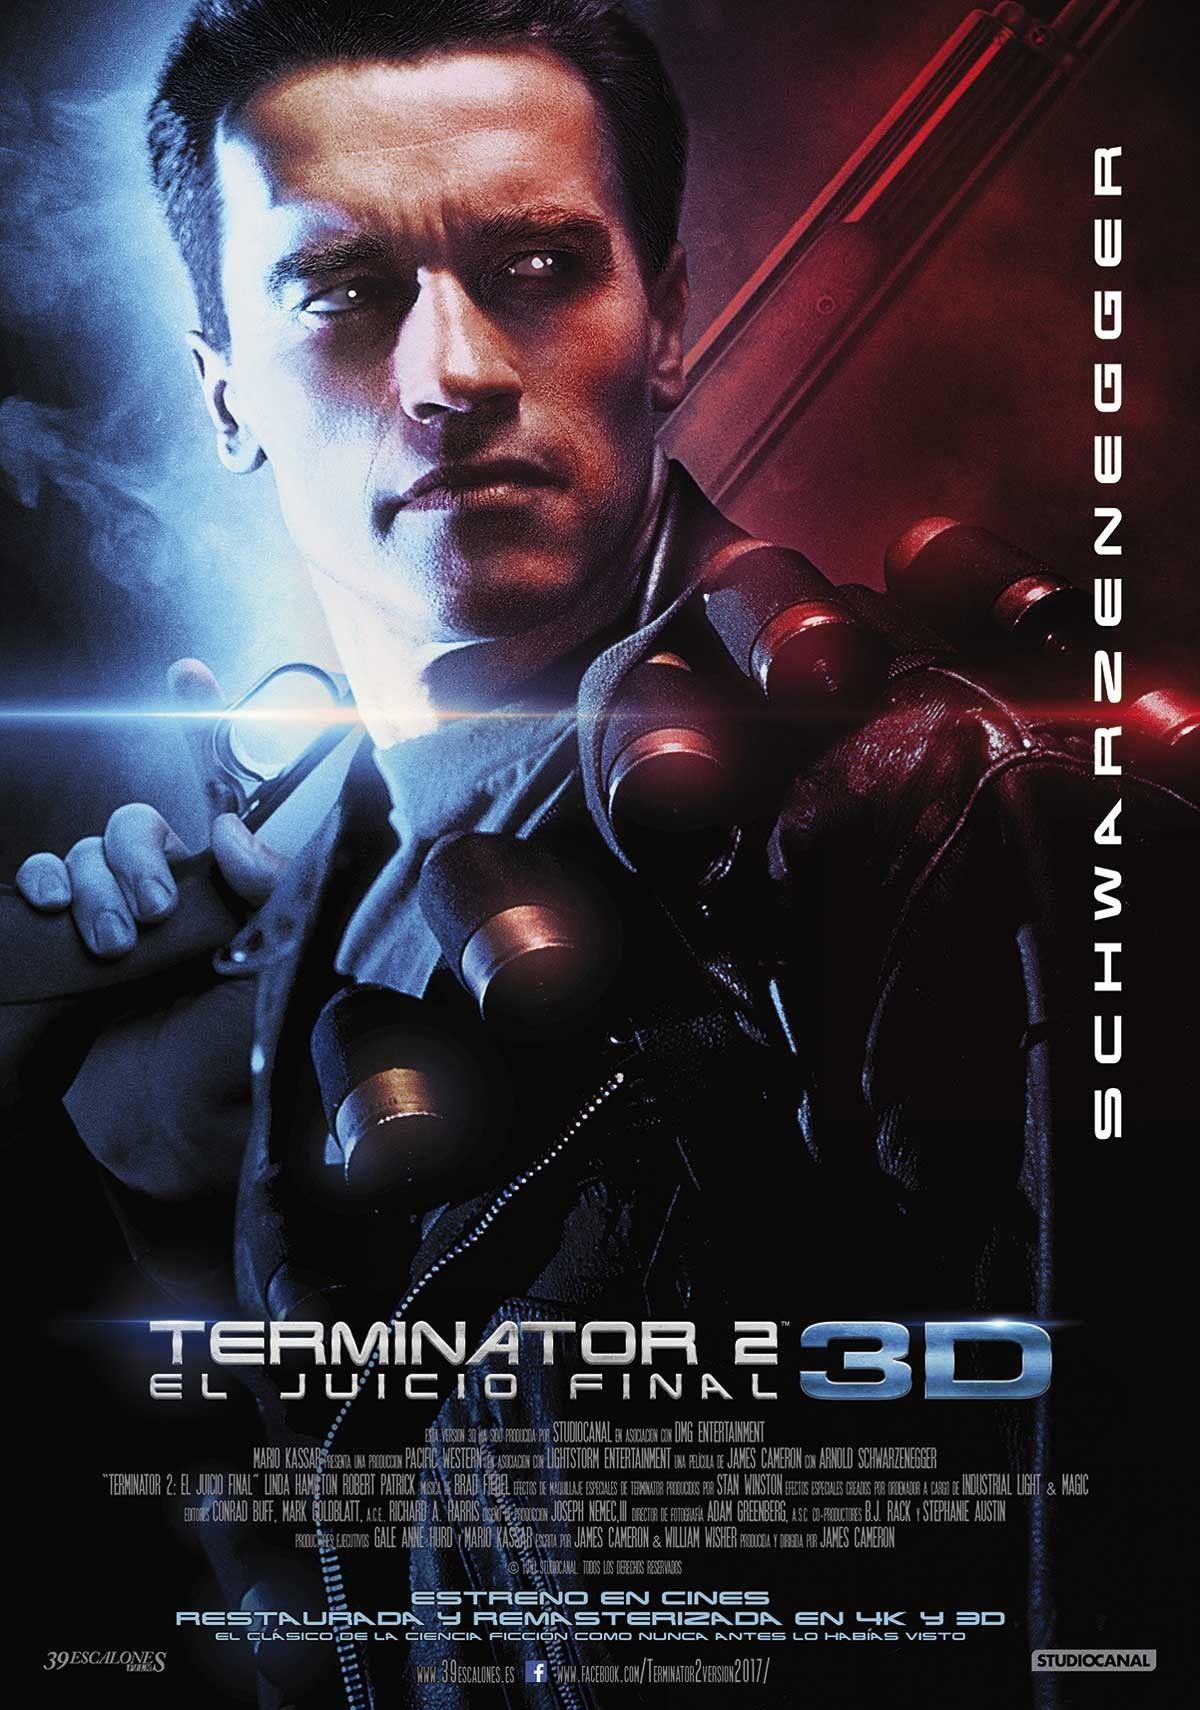 Terminator 2 El Juicio Final Remasterizada 2017 Terminator 2 Terminador Afiche De Pelicula